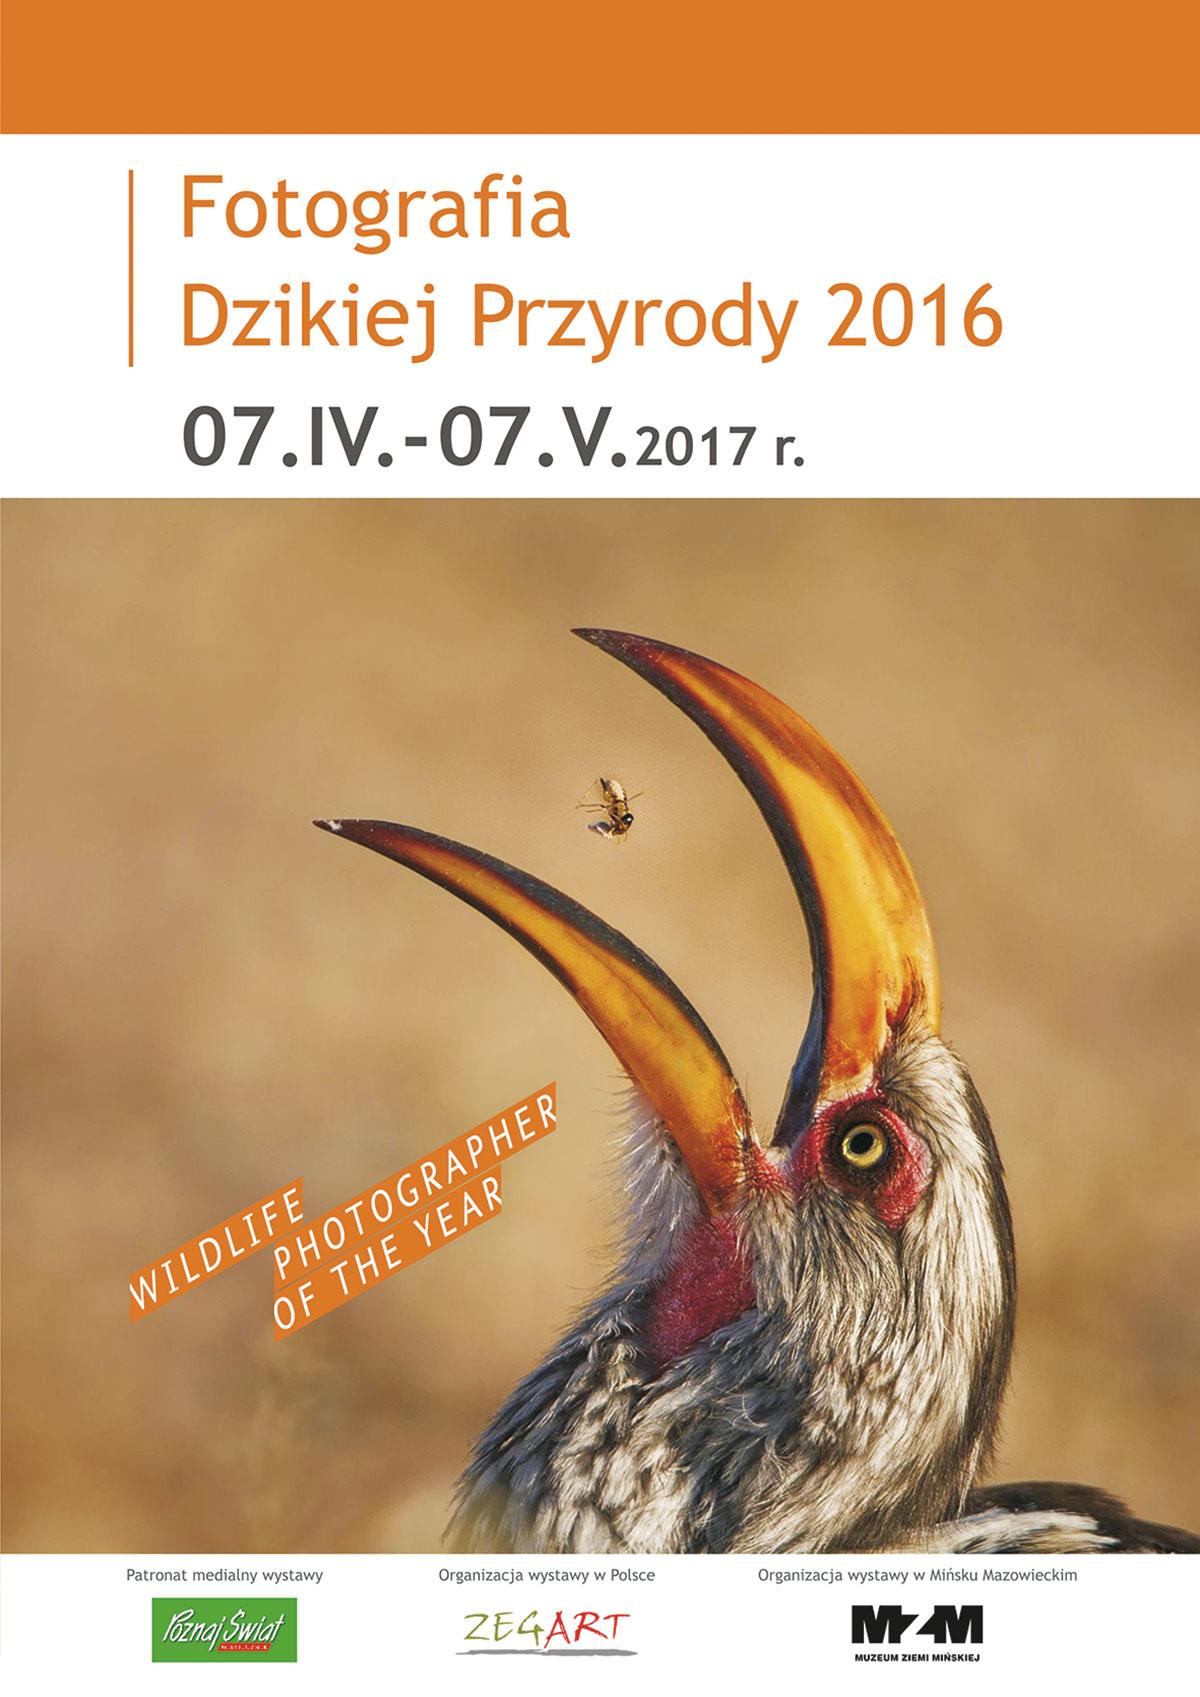 Fotografia Dzikiej Przyrody 2016